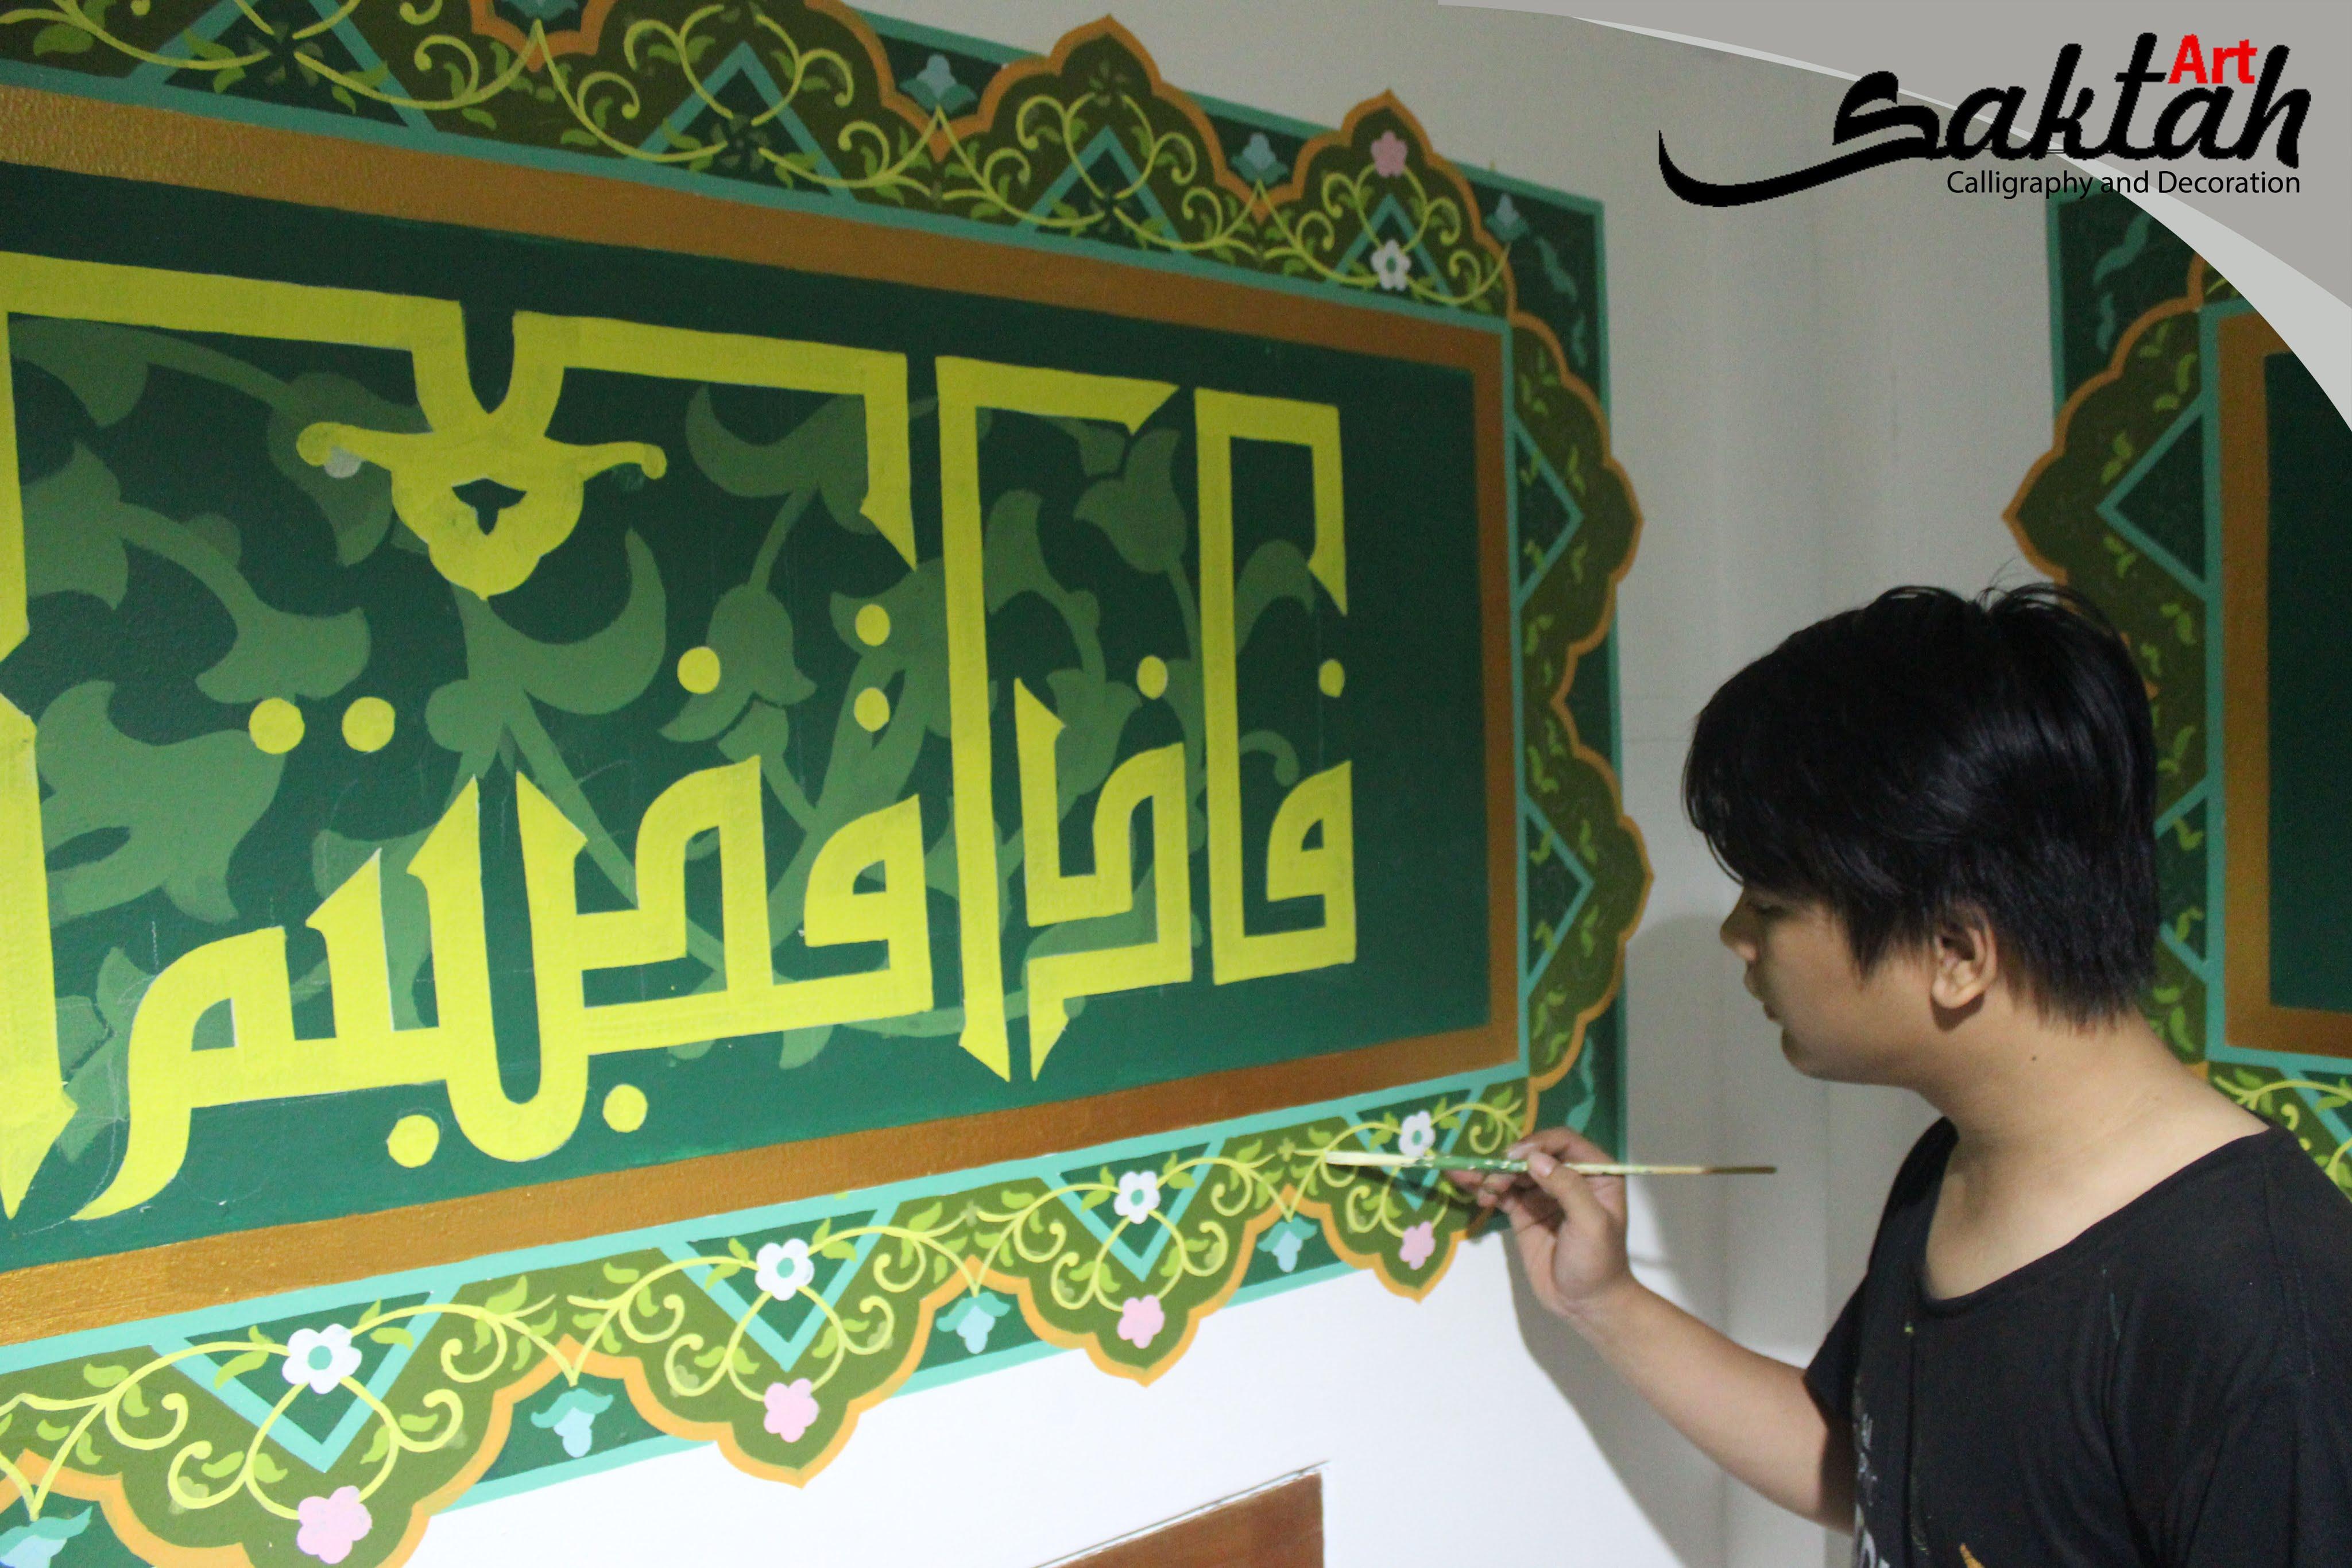 Download Video Proses Pembuatan Kaligrafi Masjid Saktah Art Project